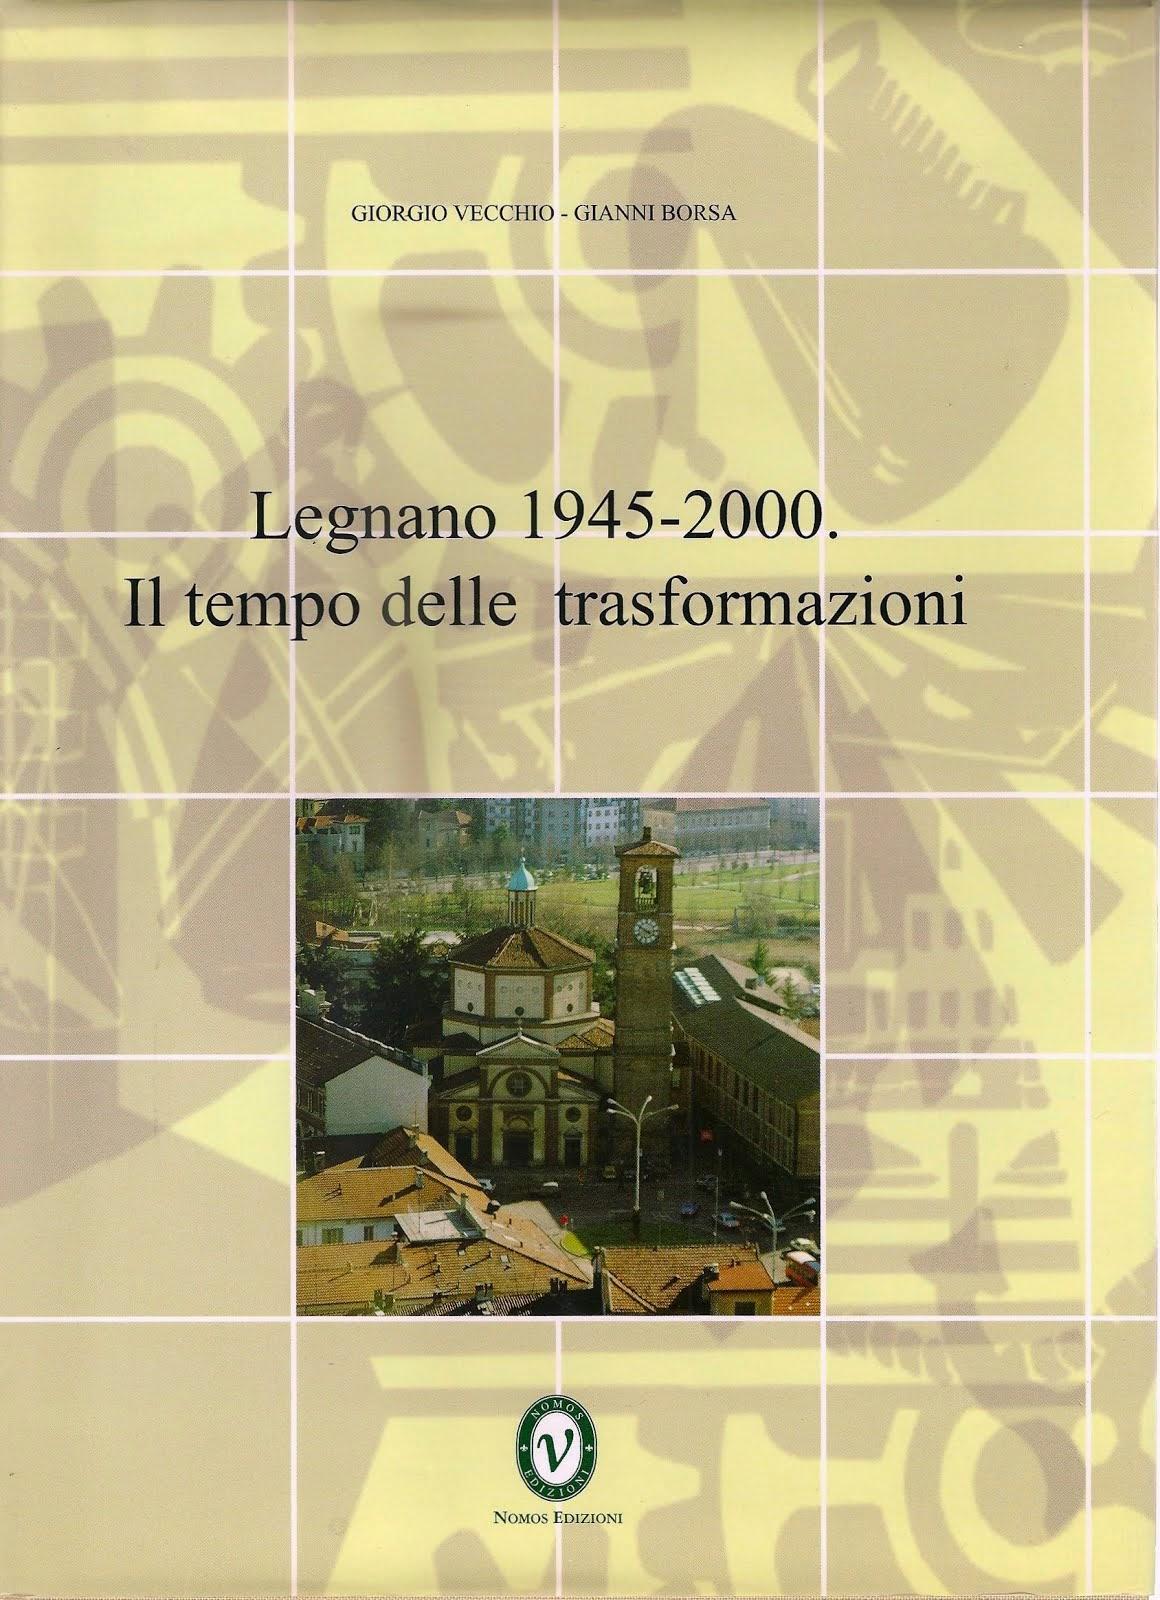 1945-2000 tempo di trasformazioni